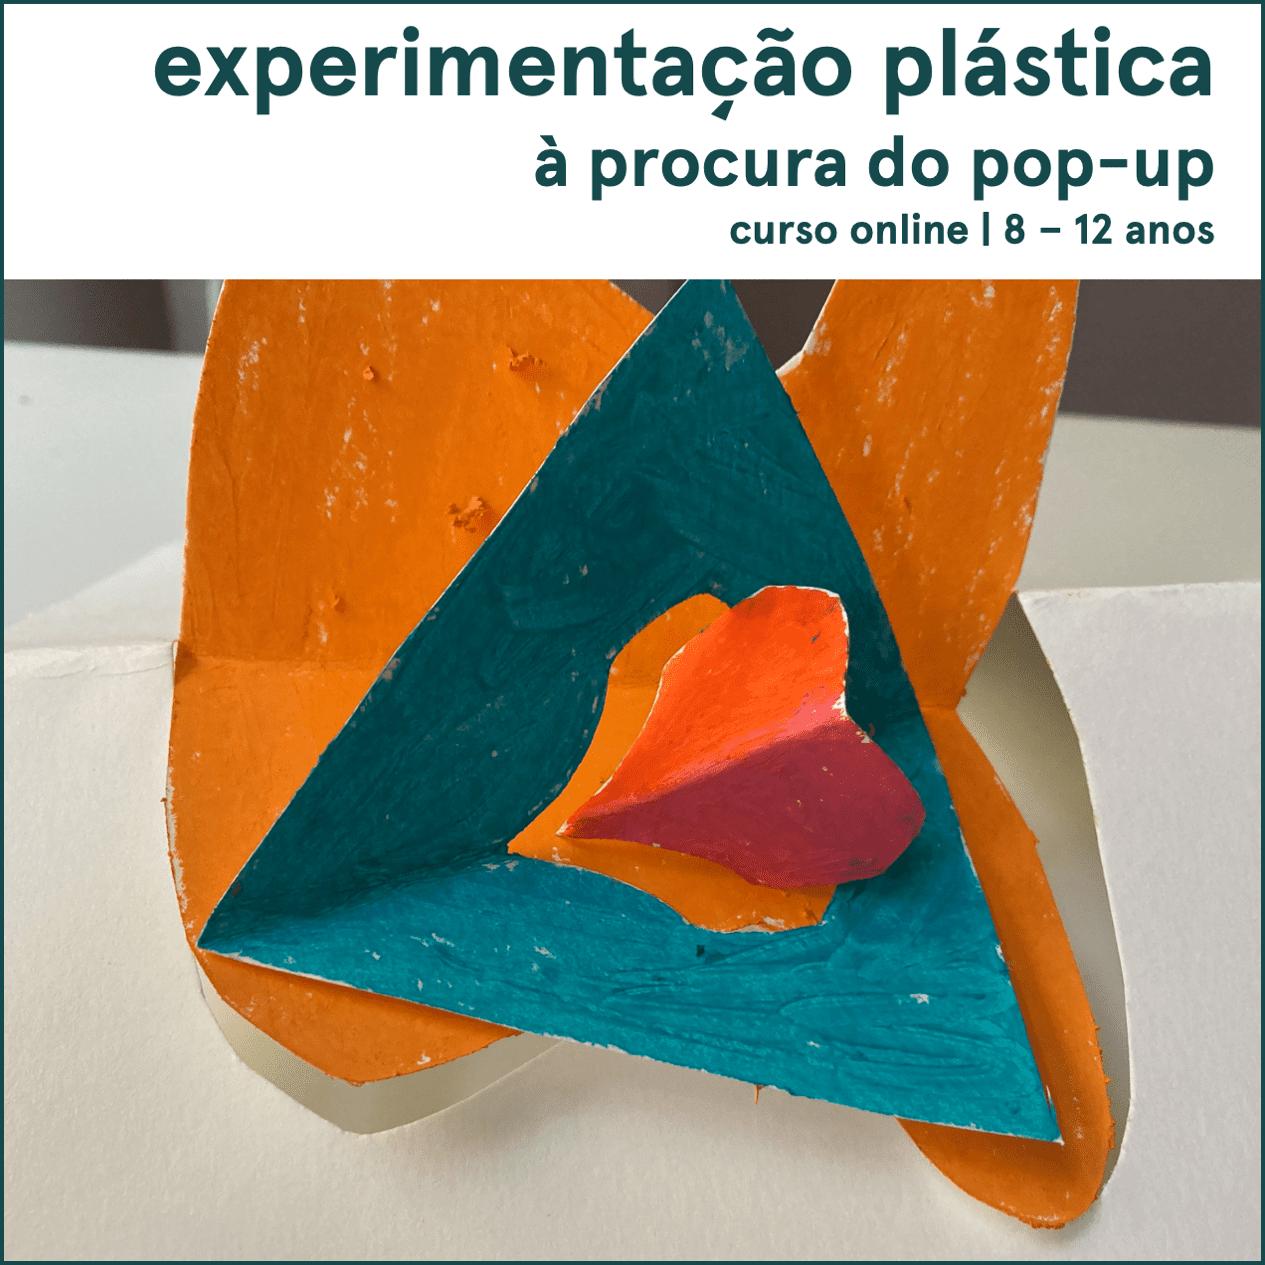 Experimentação plástica: à procura do pop-up